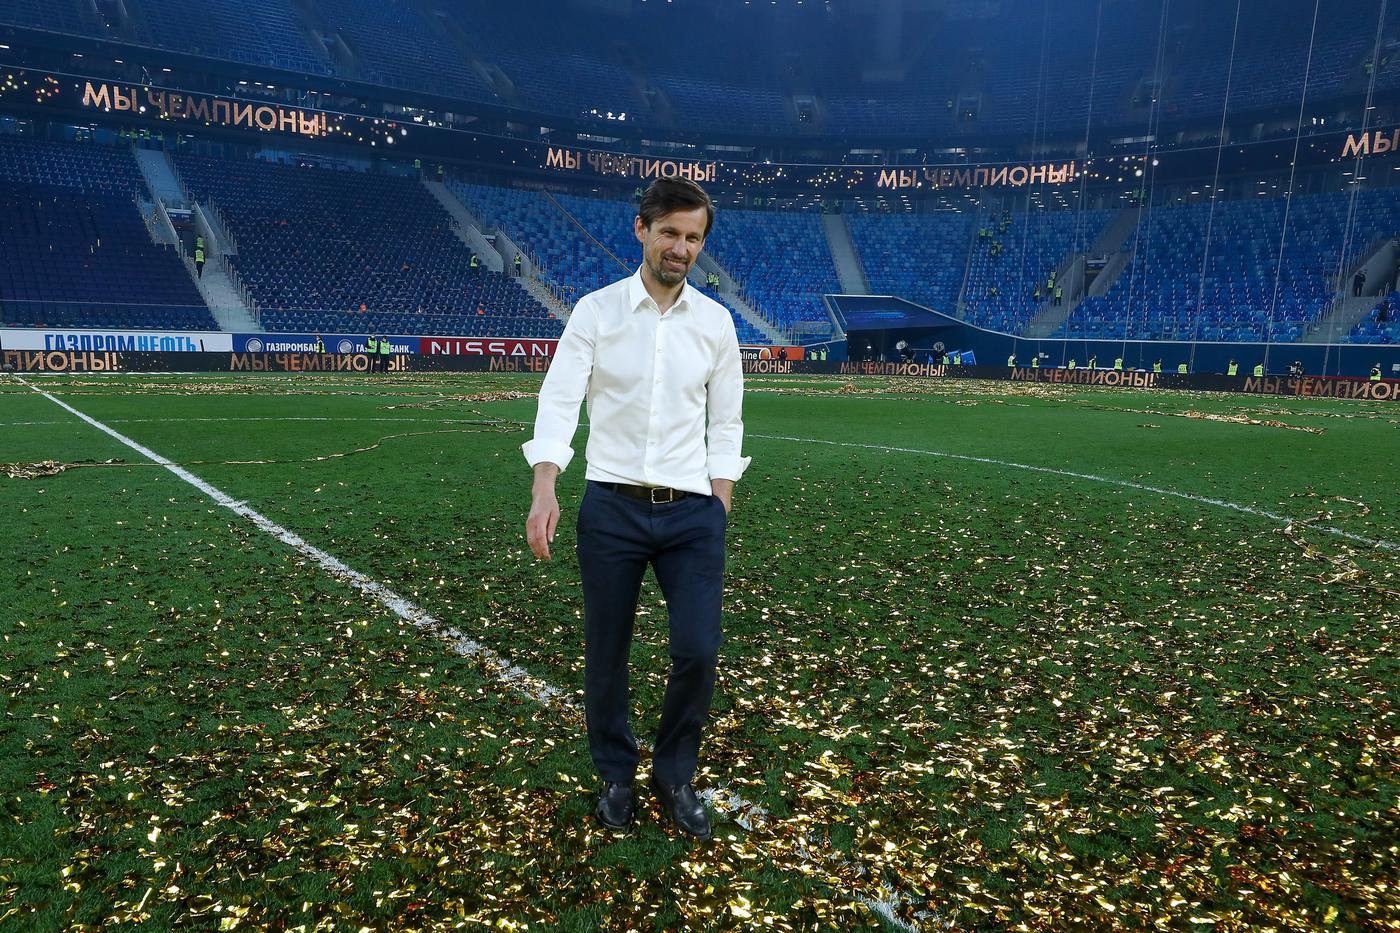 Сергей Семак: «Каждое чемпионство приносит мне особенный подарок» - фото